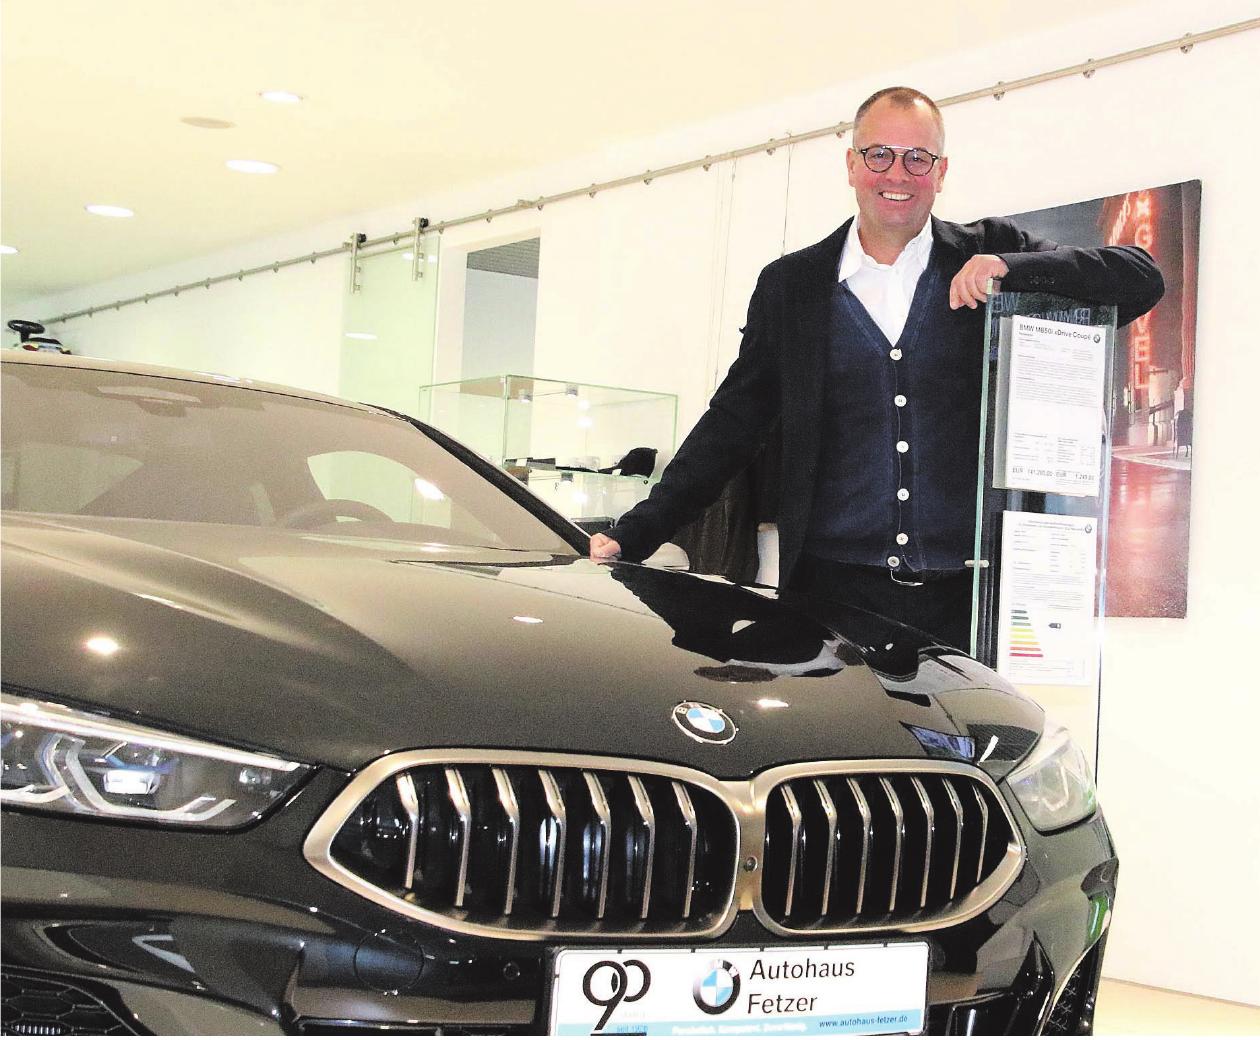 Jürgen Holz freut sich: Das Autohaus Fetzer in Kuchen feierte in diesem Jahr sein 90-jähriges Bestehen und blickt positiv in die Zukunft. Fotos: Axel Raisch